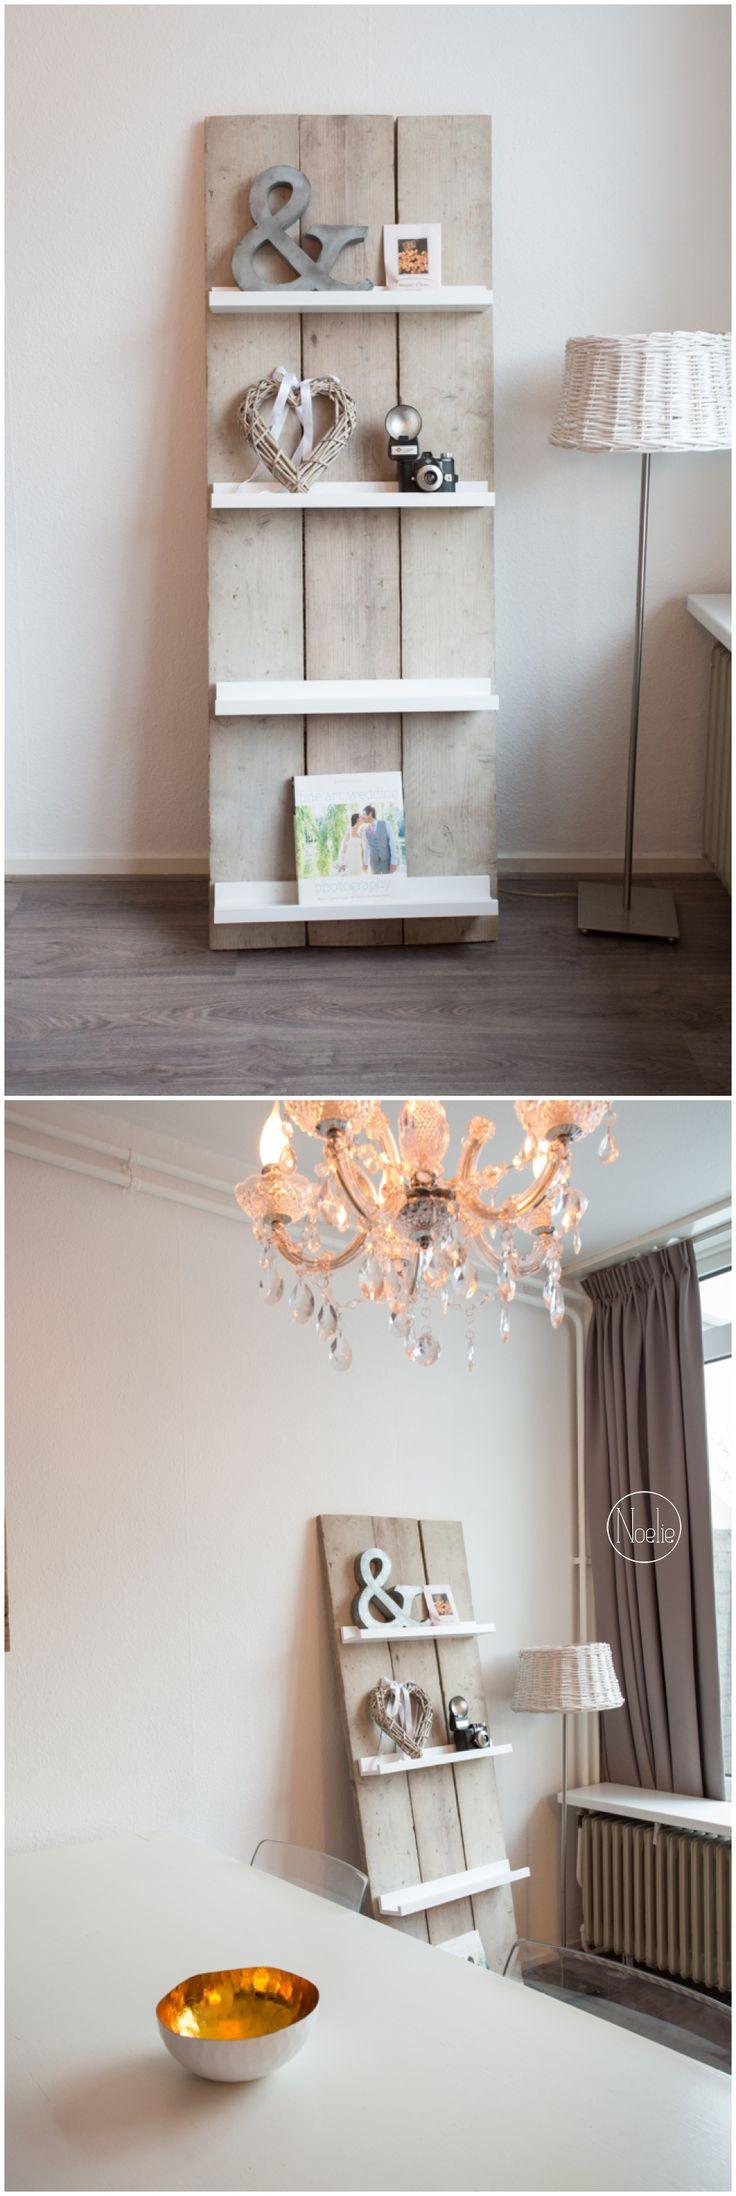 Divano Letto Friheten Ikea Usato ~ Tijdschriftenrek van steigerhout Zelf gemaakt van steigerhout en